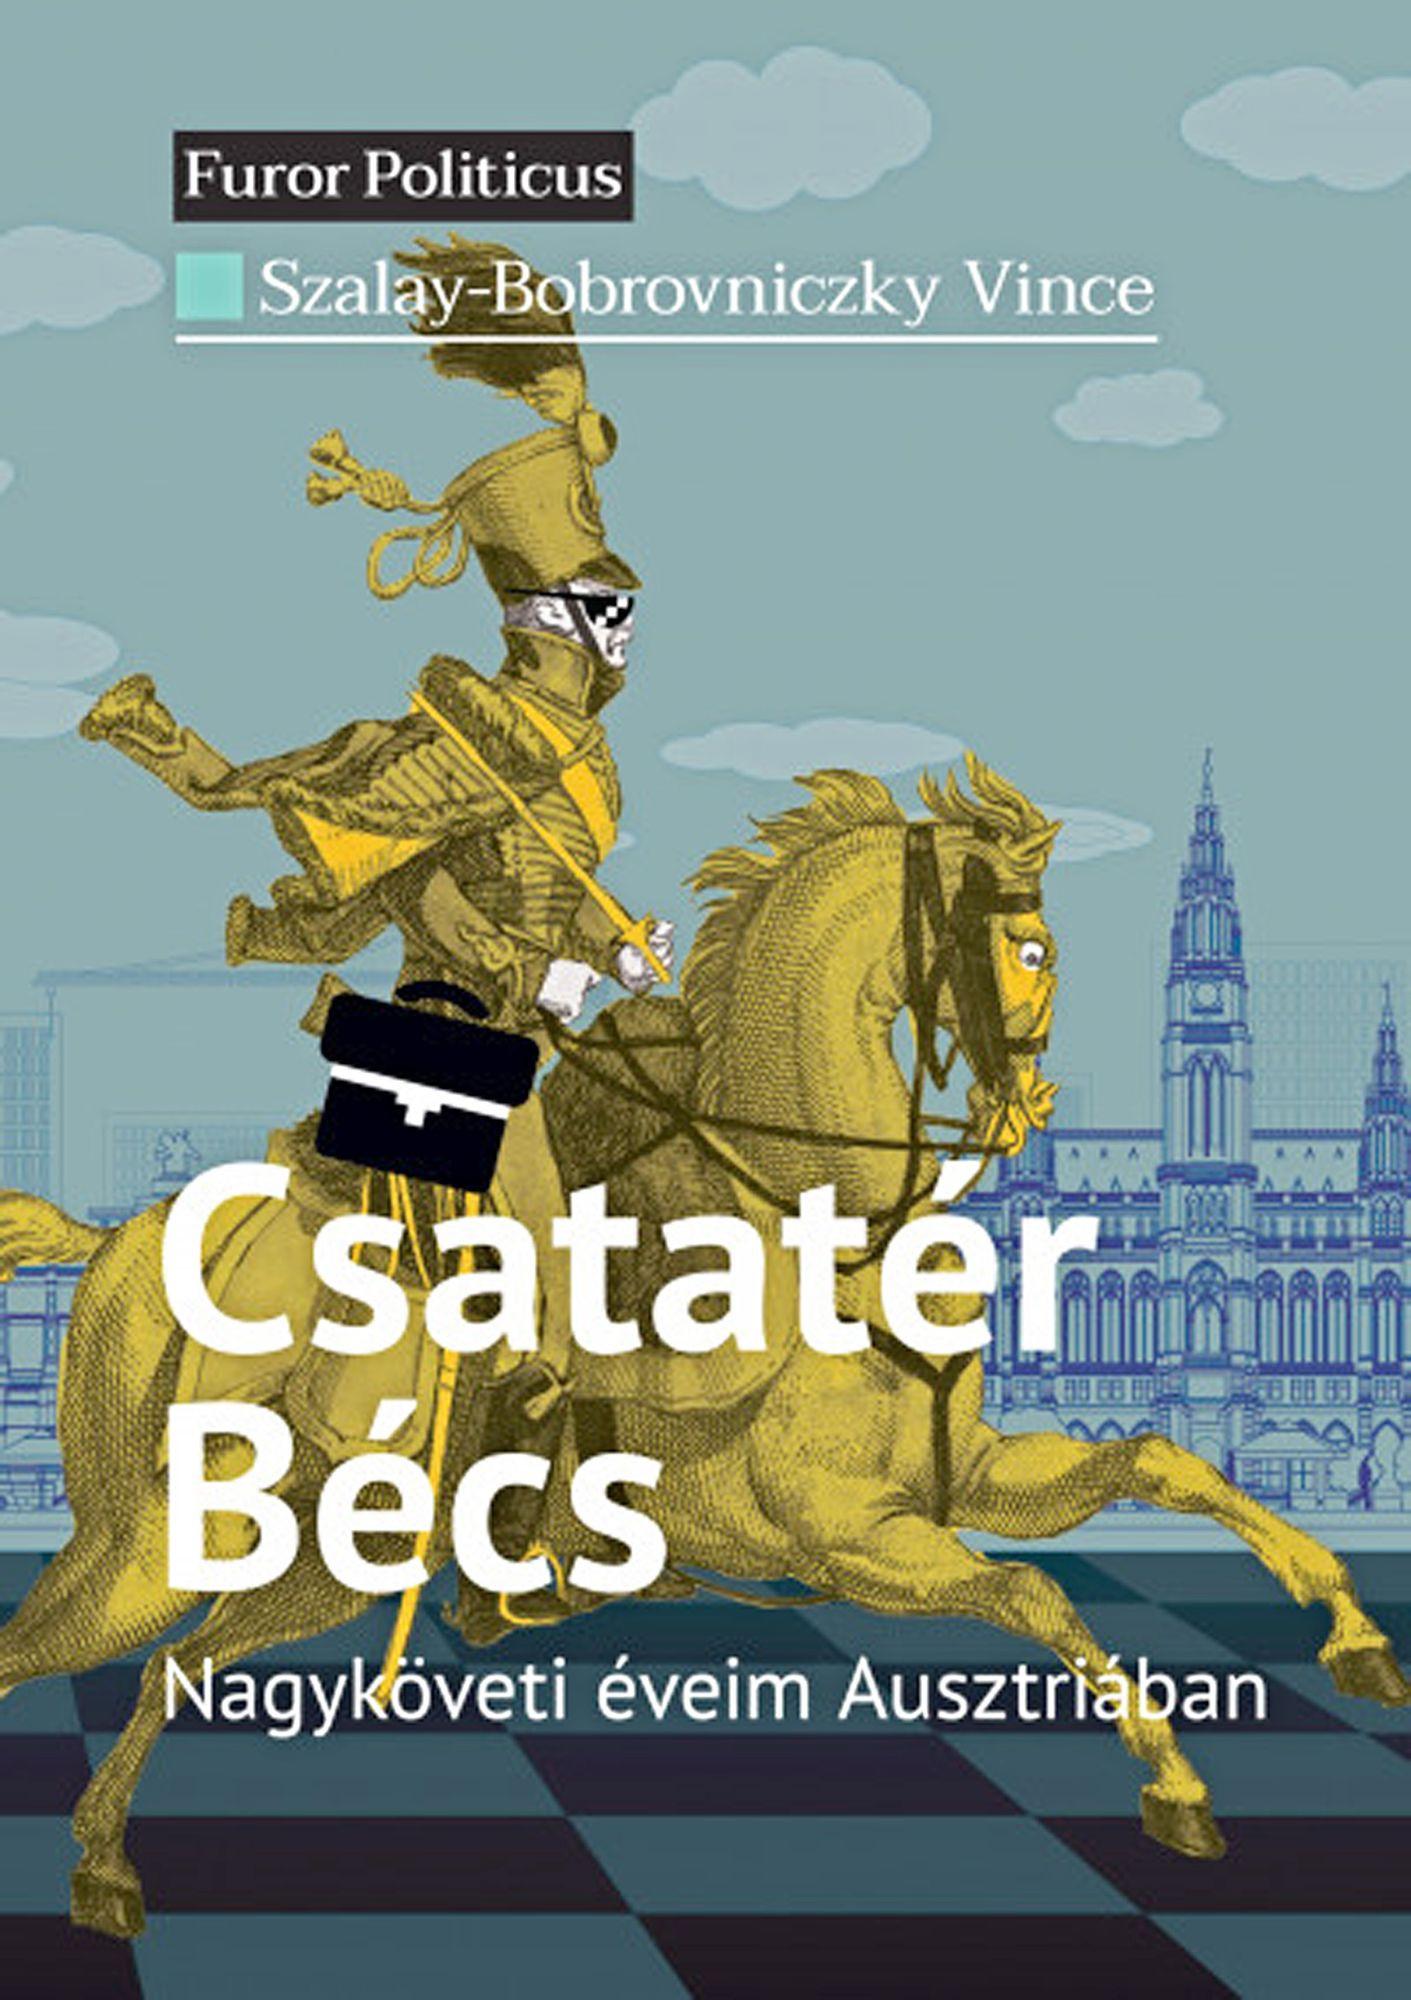 Szalay-Bobrovniczky Vince: Csatatér Bécs